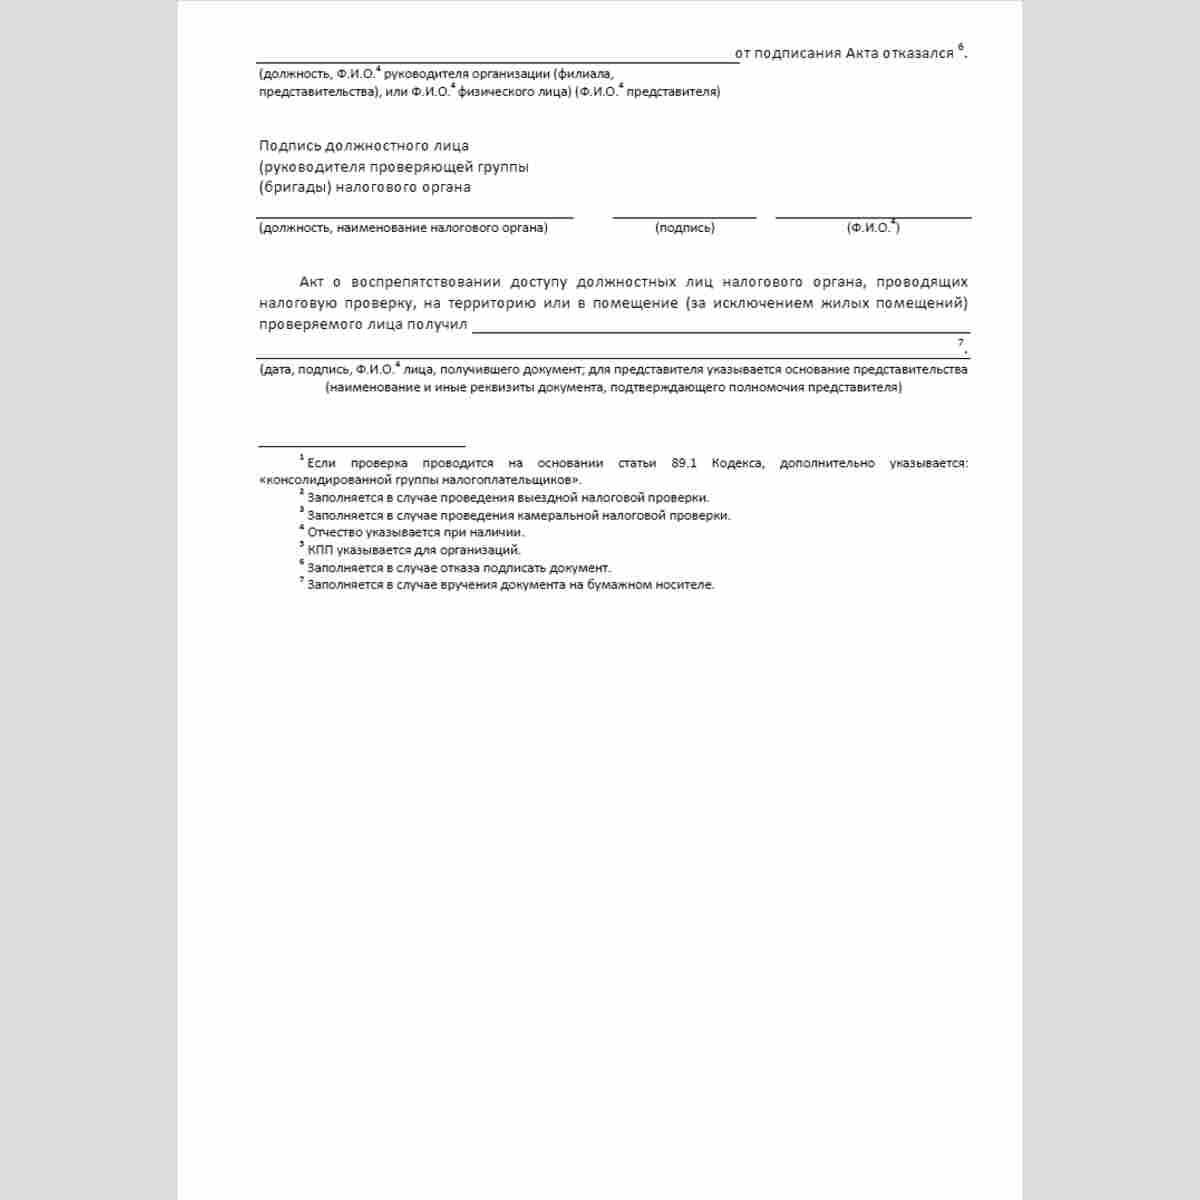 """Форма КНД 1160074 """"Акт о воспрепятствовании доступу должностных лиц налогового органа, проводящих налоговую проверку, на территорию или в помещение (за исключением жилых помещений) проверяемого лица"""". Стр. 2"""